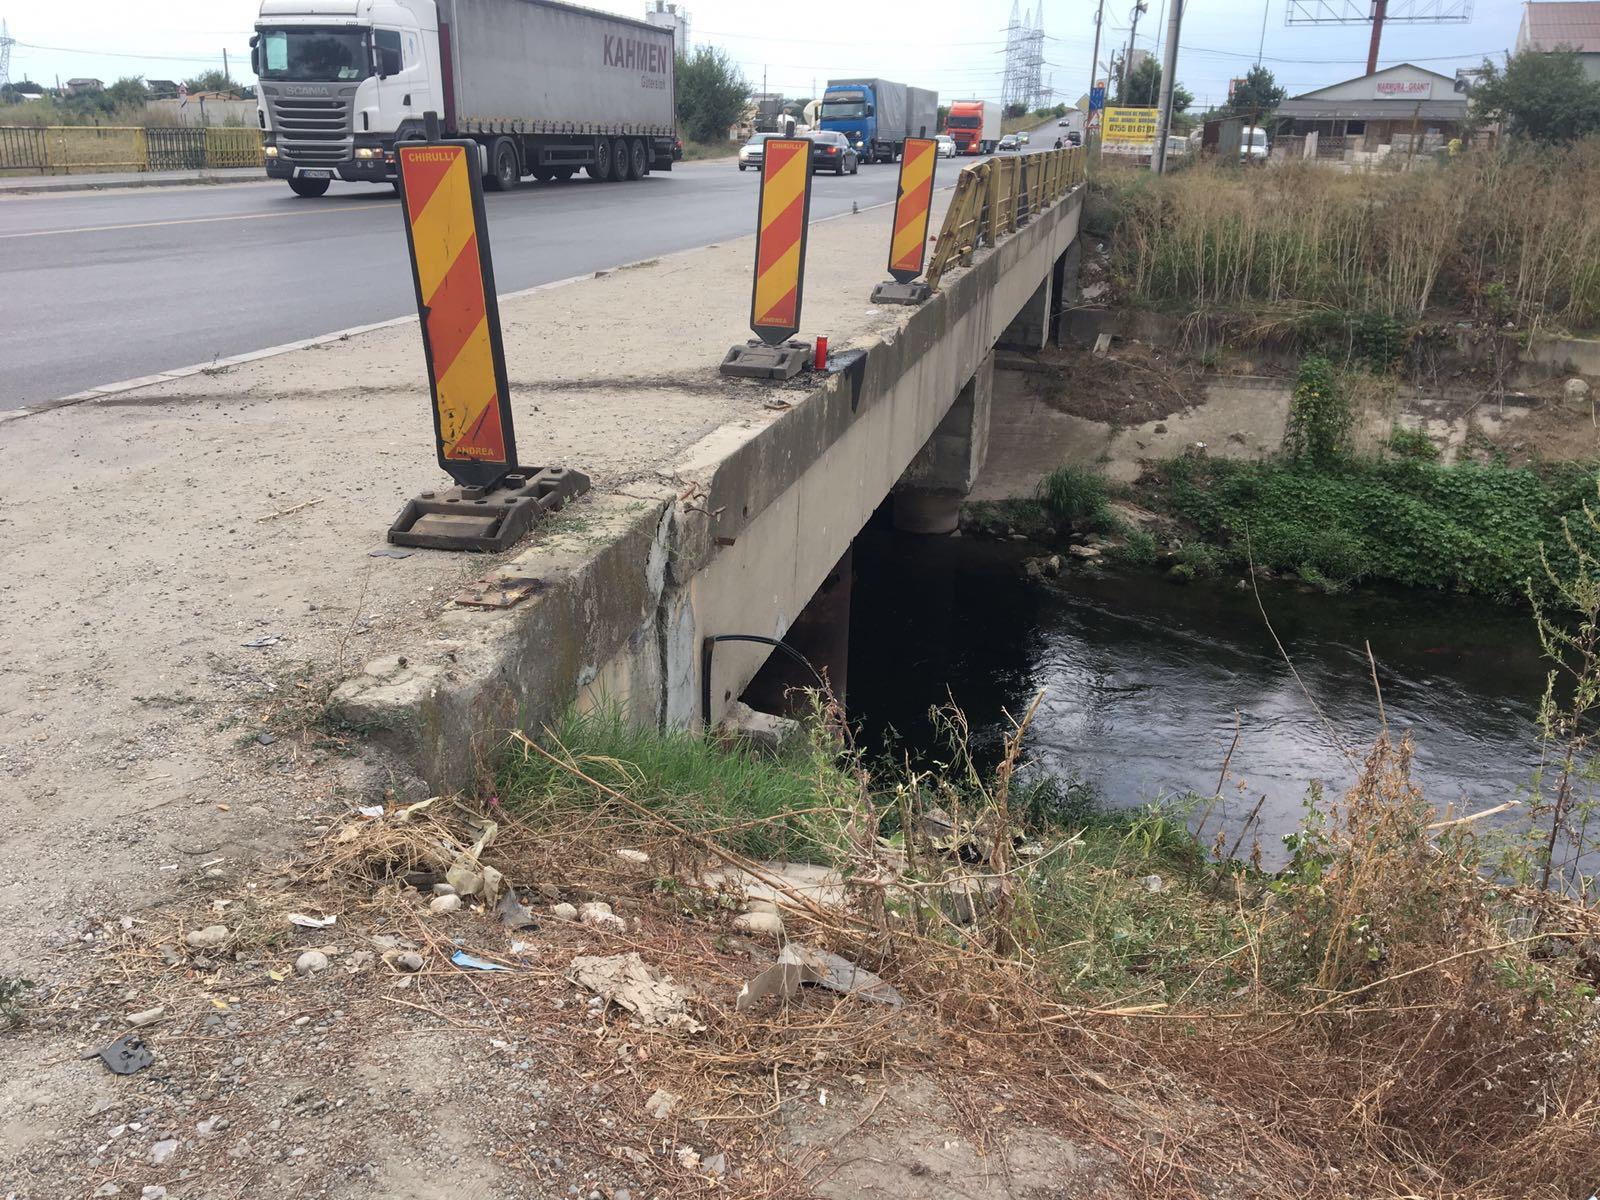 CNAIR, după accidentul în care o maşină a plonjat în Dâmboviţa, iar 2 adulţi şi un copil au murit: `Cauza a fost factorul uman, nu infrastructura`. În opinia instituţiei sunt suficiente gardurile de metal